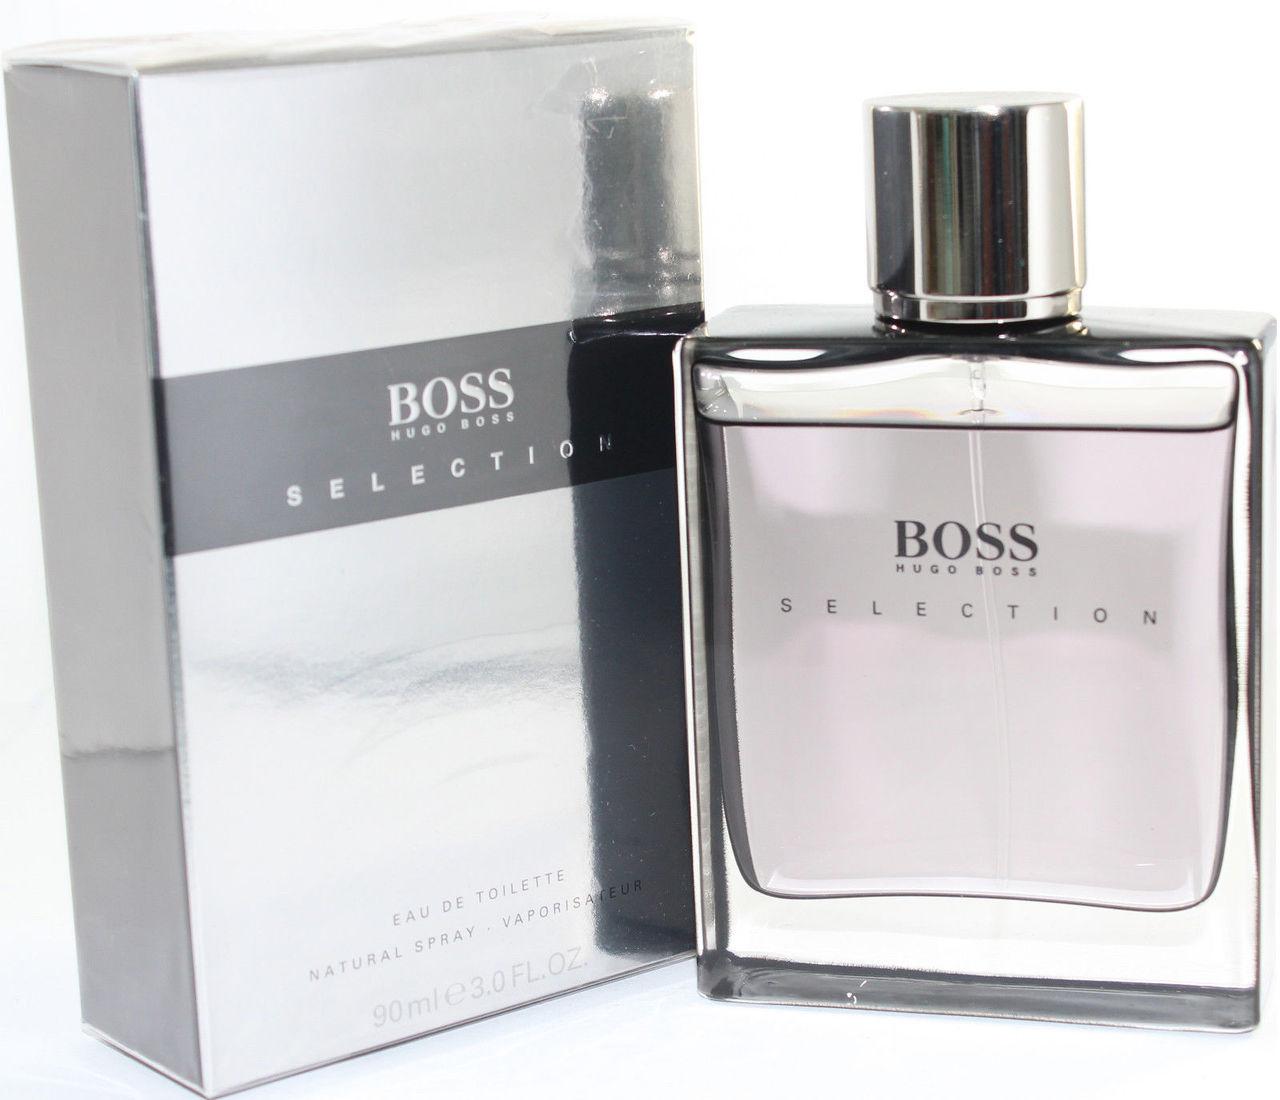 Parfum La Super Pret